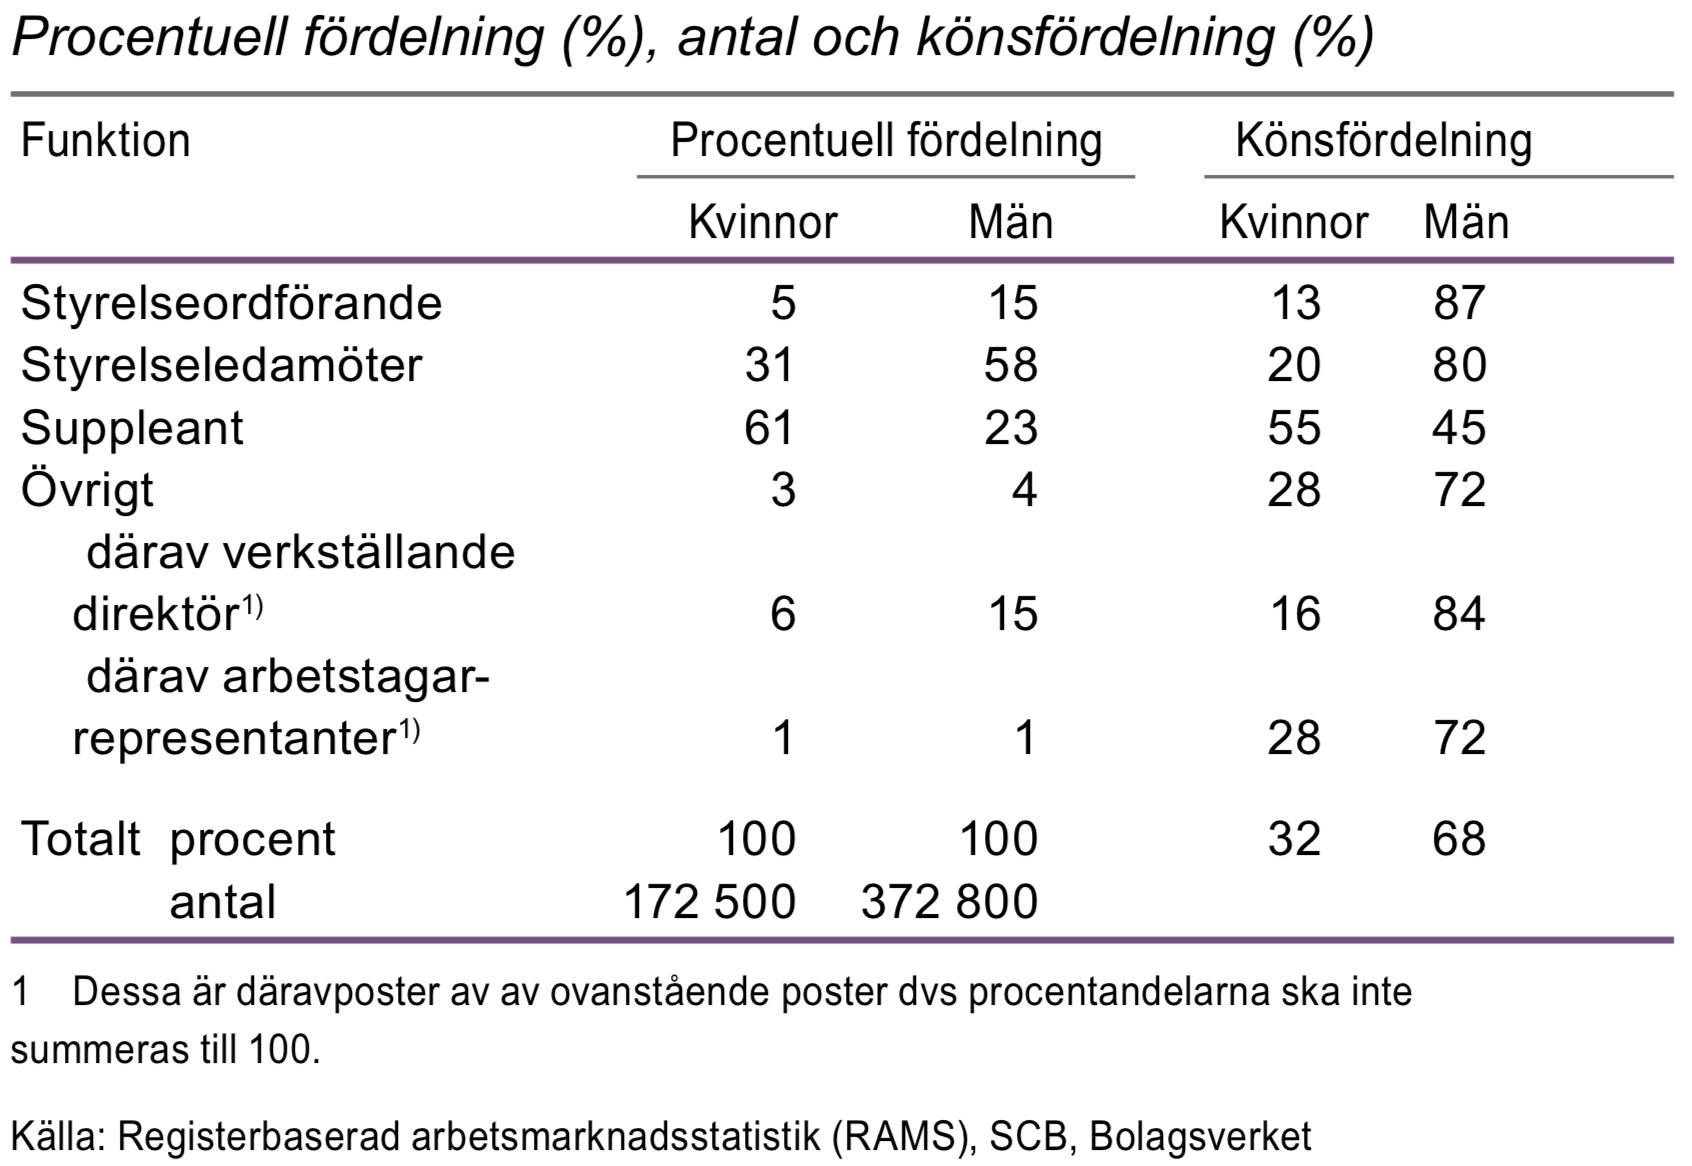 Styrelsemedlemmar efter funktion i aktiebolag år 2013